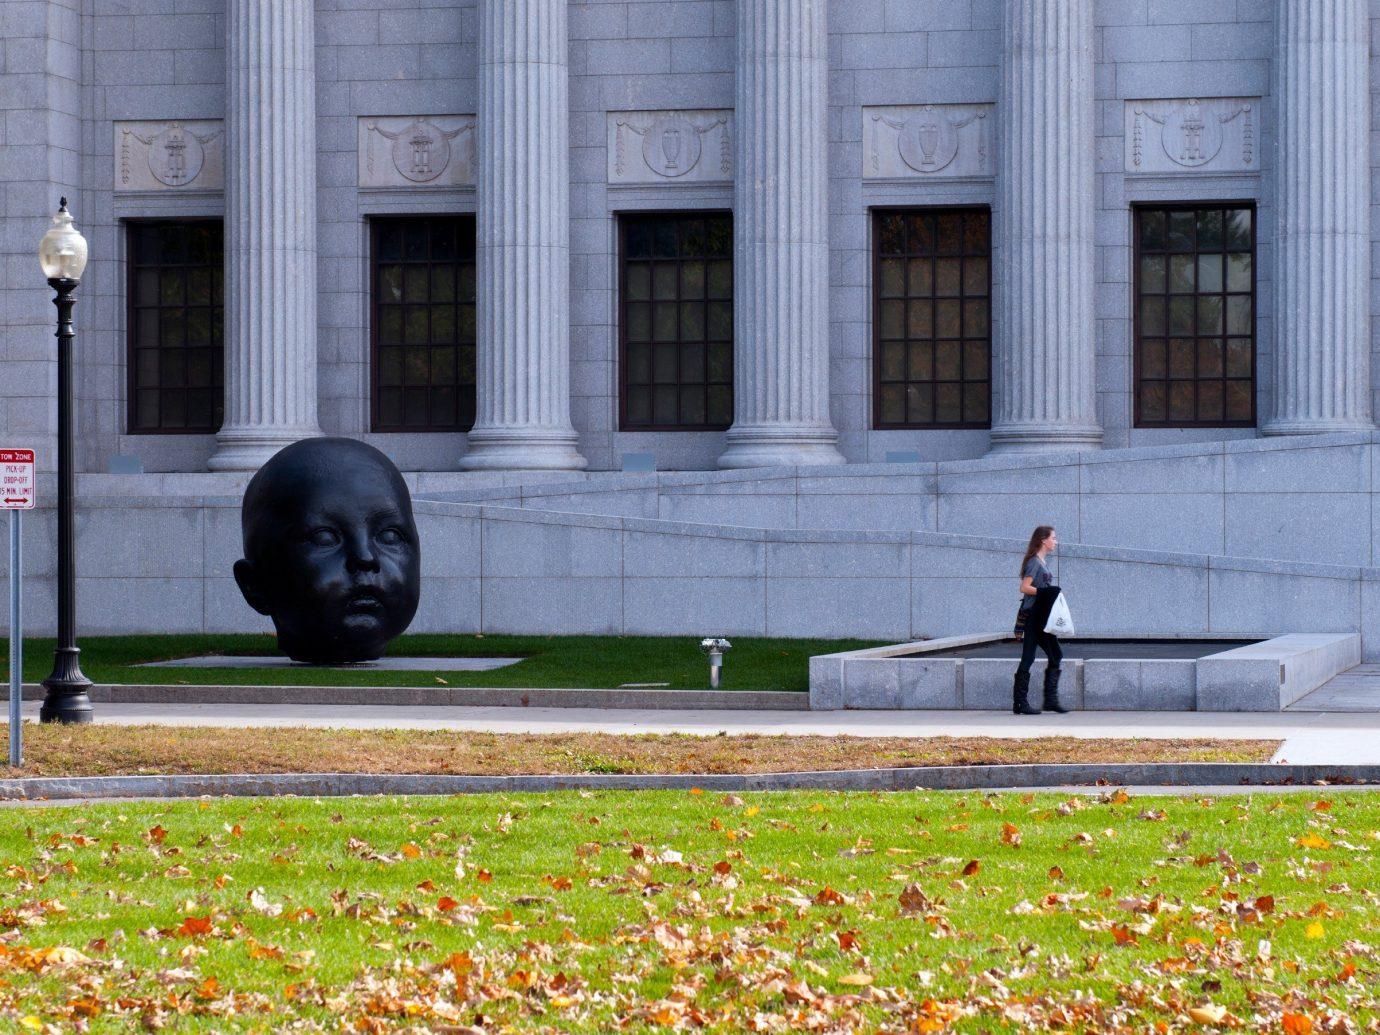 Budget grass outdoor urban area City Architecture memorial facade